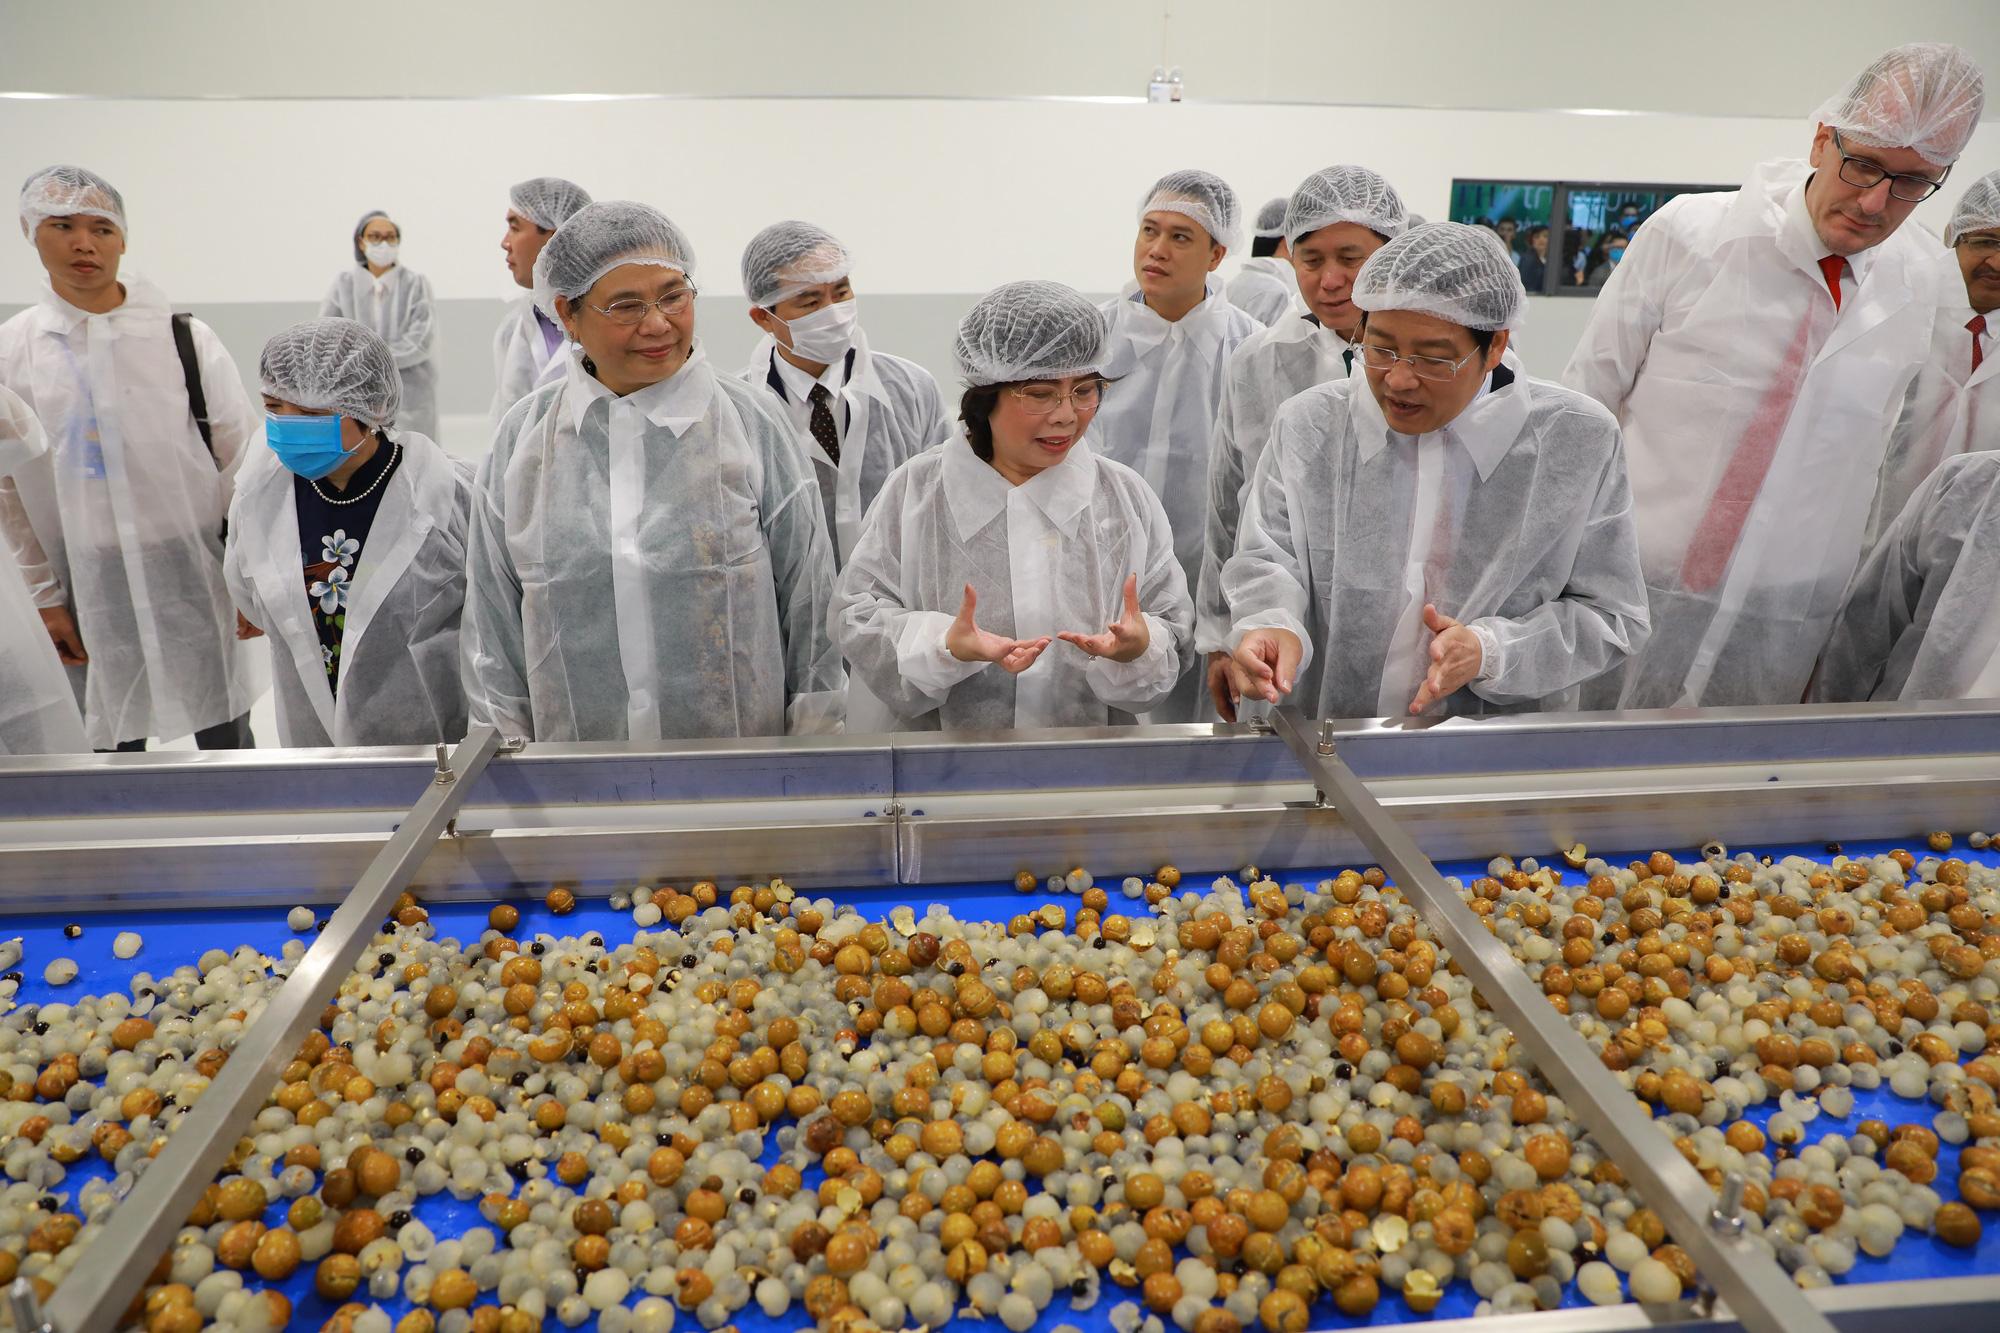 Phó Chủ tịch Thường trực Quốc hội: Có nhà máy chế biến, nông dân Sơn La không lo được mùa mất giá - Ảnh 2.